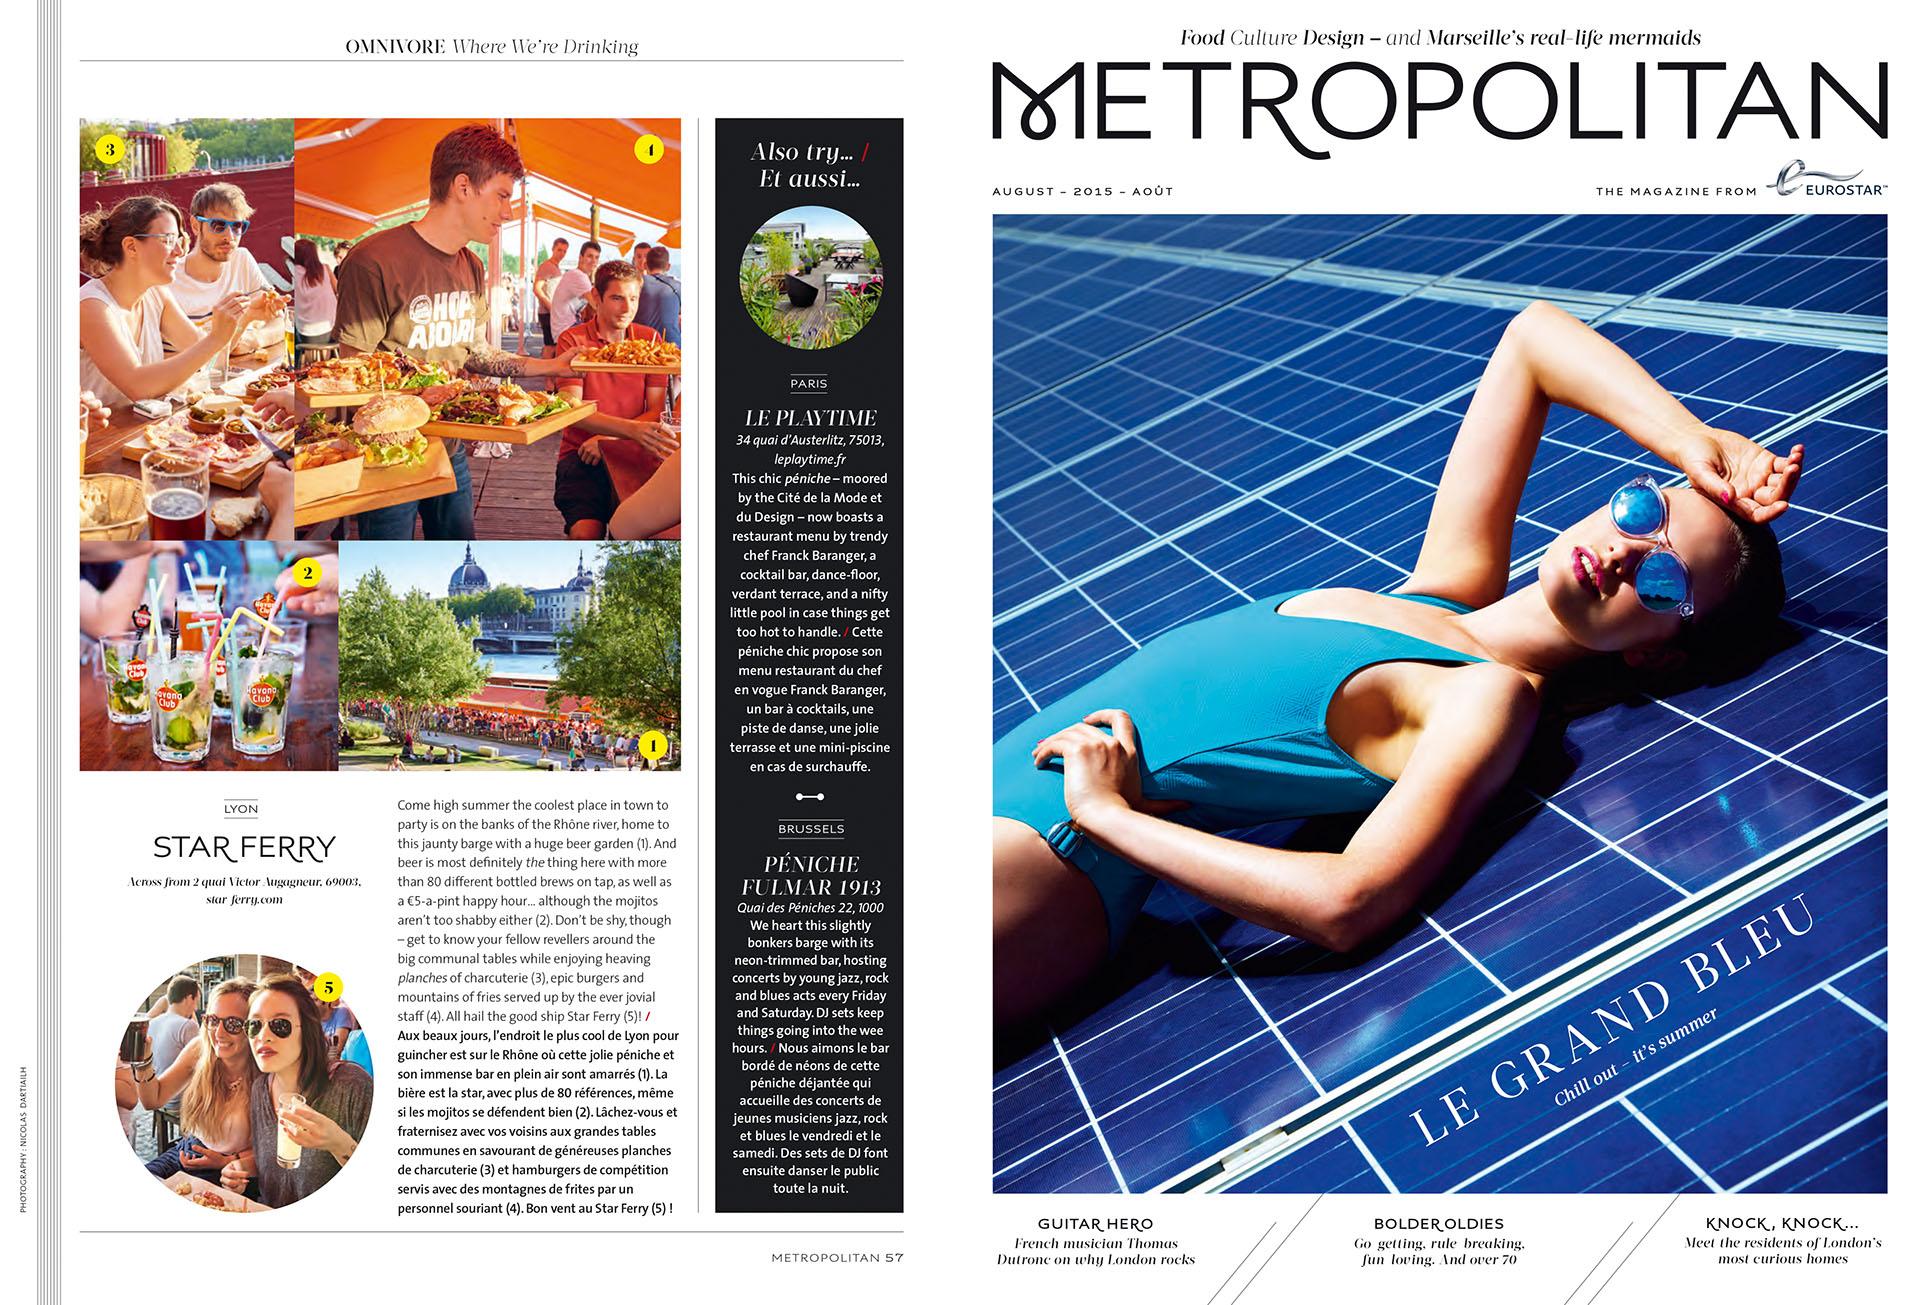 Eurostar Magazine - Metropolitan - Where we're drinking